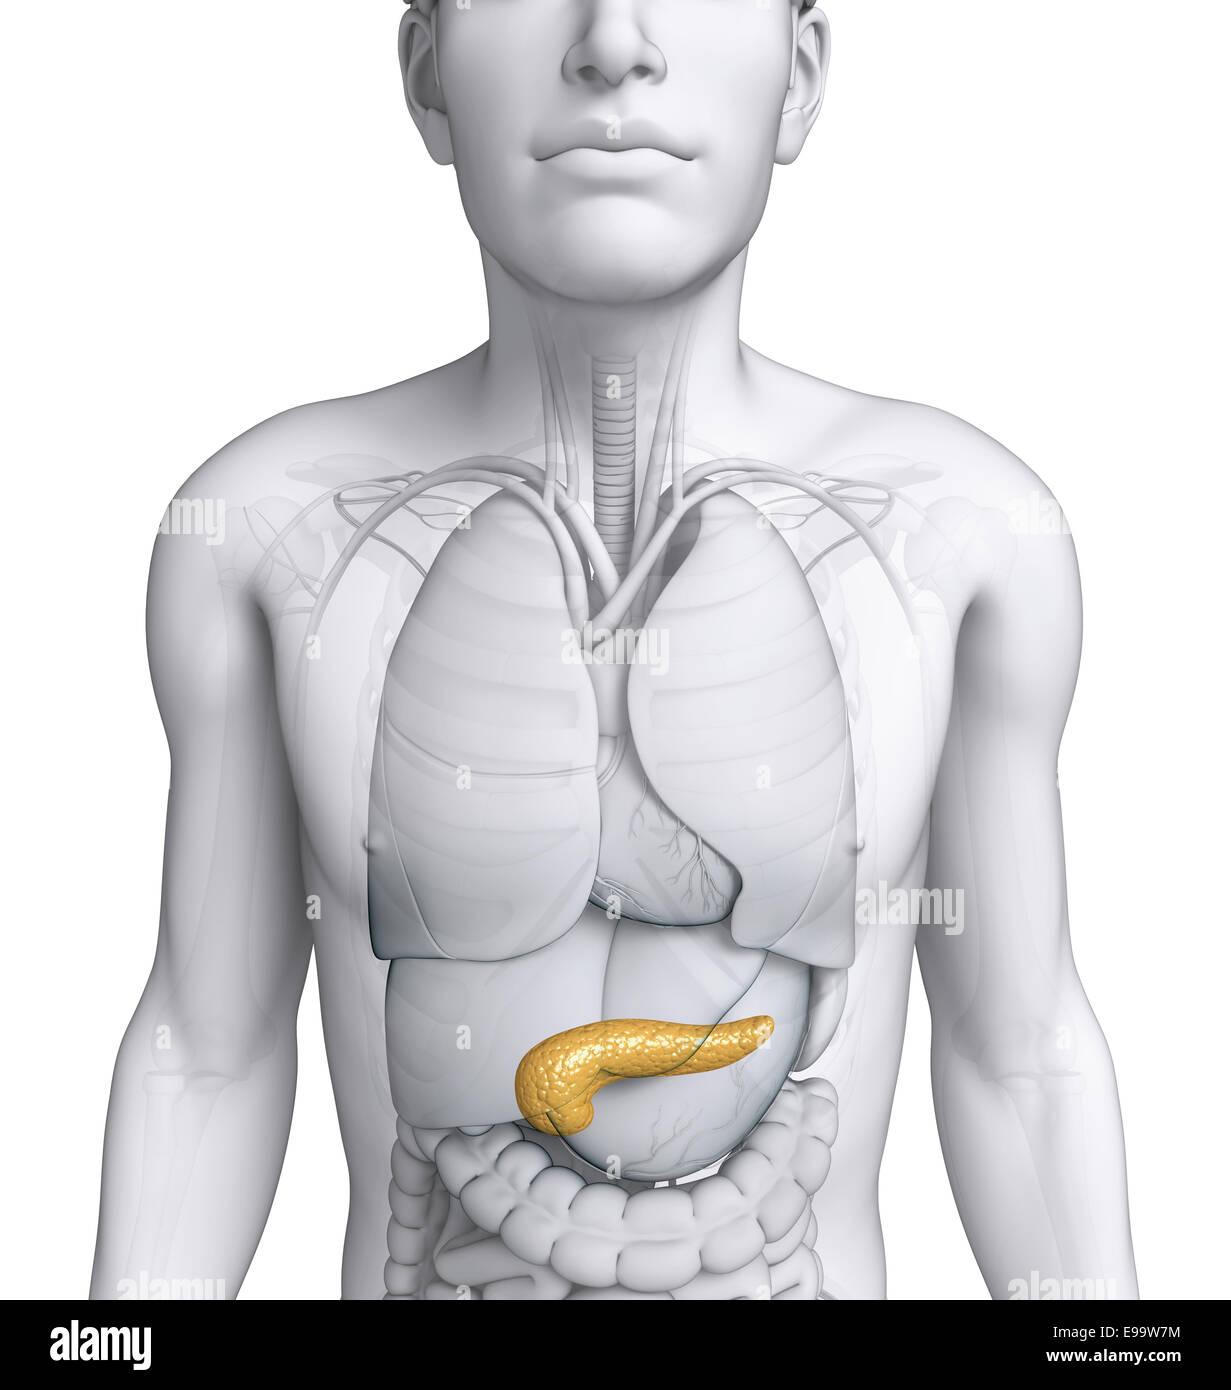 Darstellung der männlichen Pankreas Anatomie Stockfoto, Bild ...